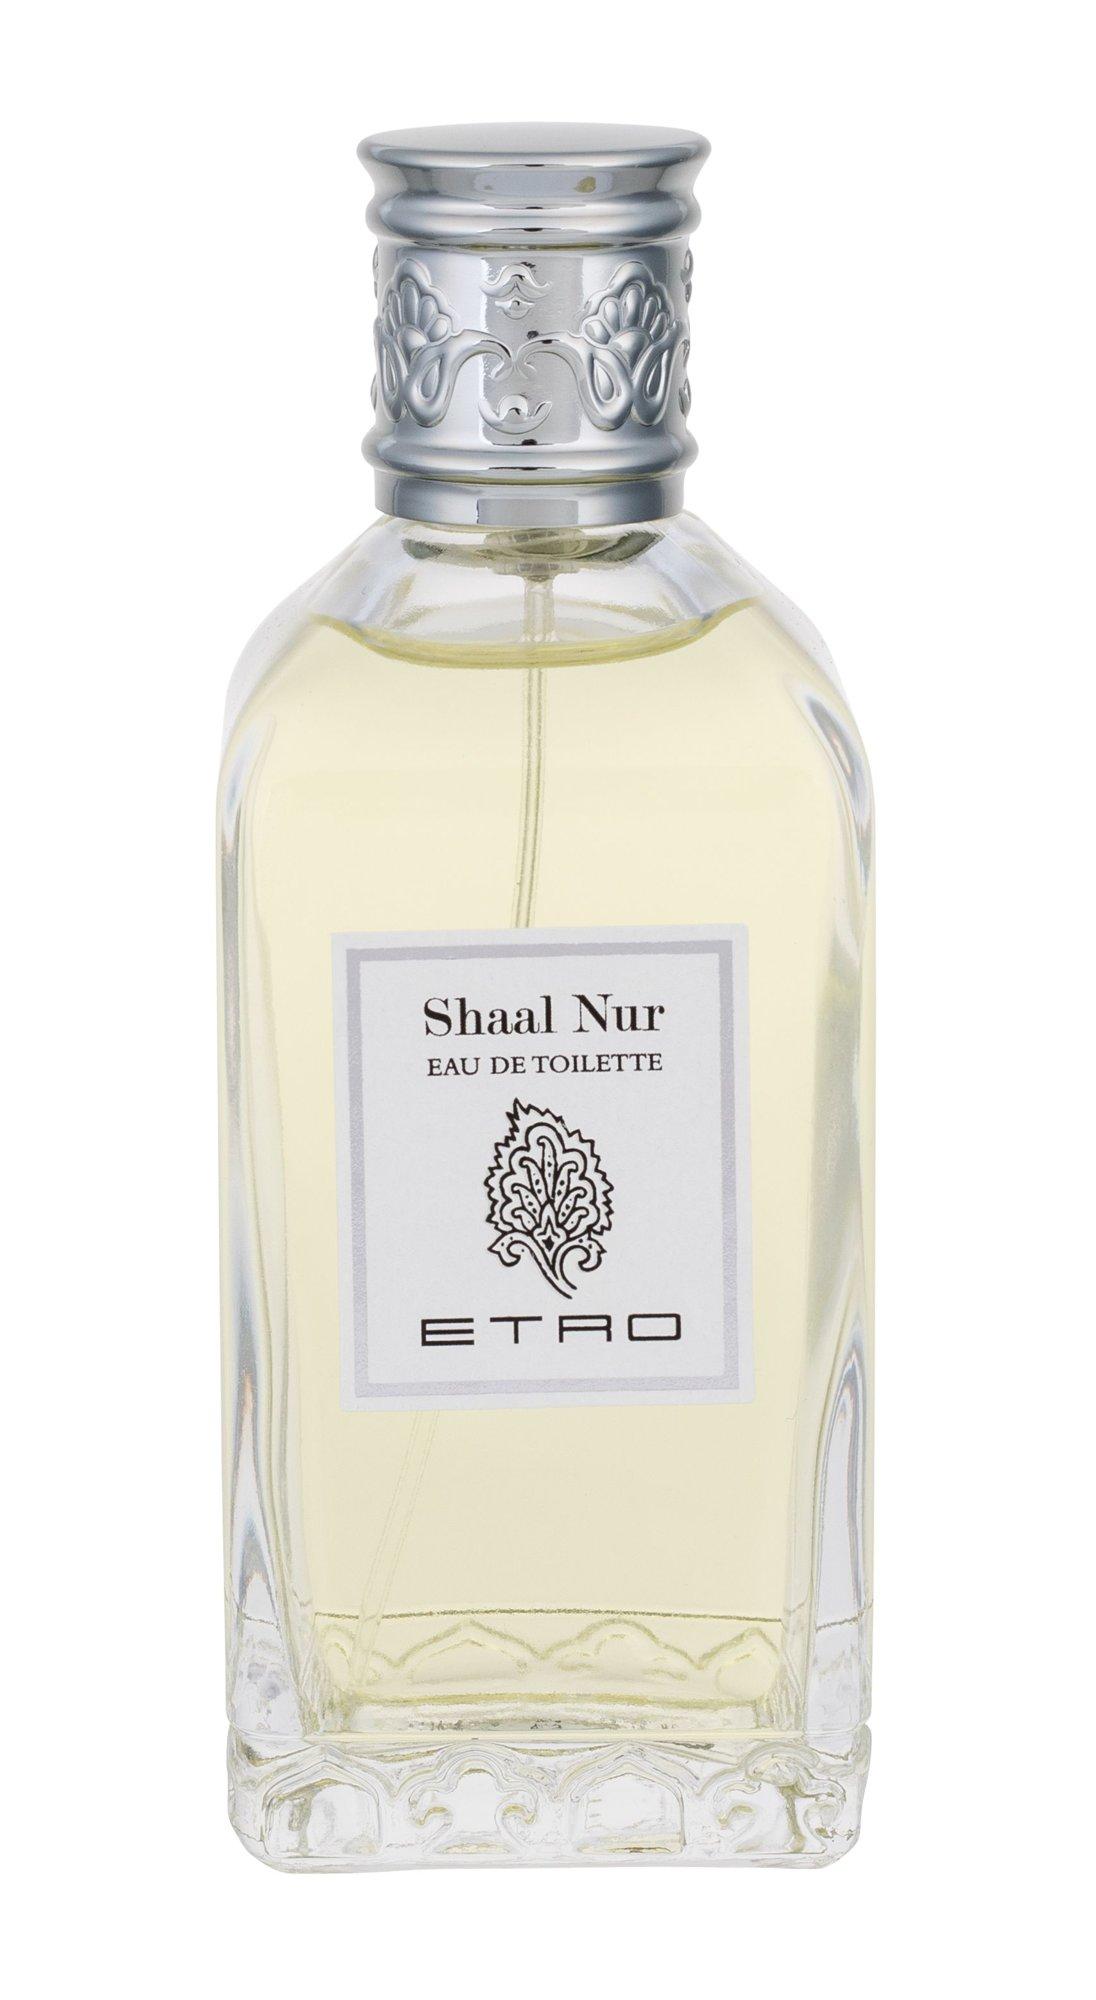 ETRO Shaal Nur EDT 100ml